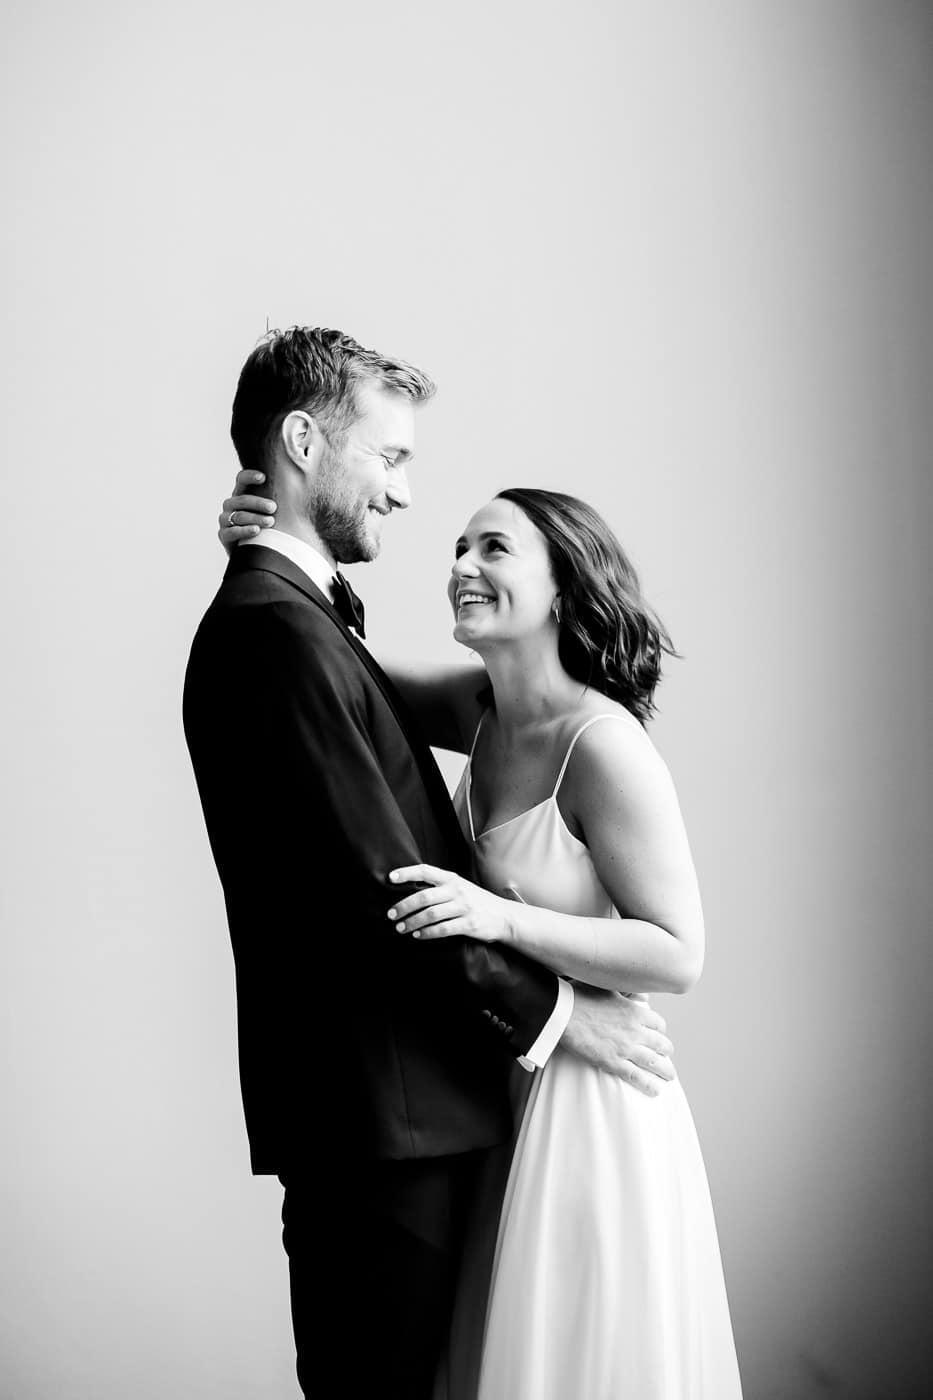 Caroline & Bendik - avslappet og morsomt bryllup i Ski Fotograf bryllup ski 13 Brudepar